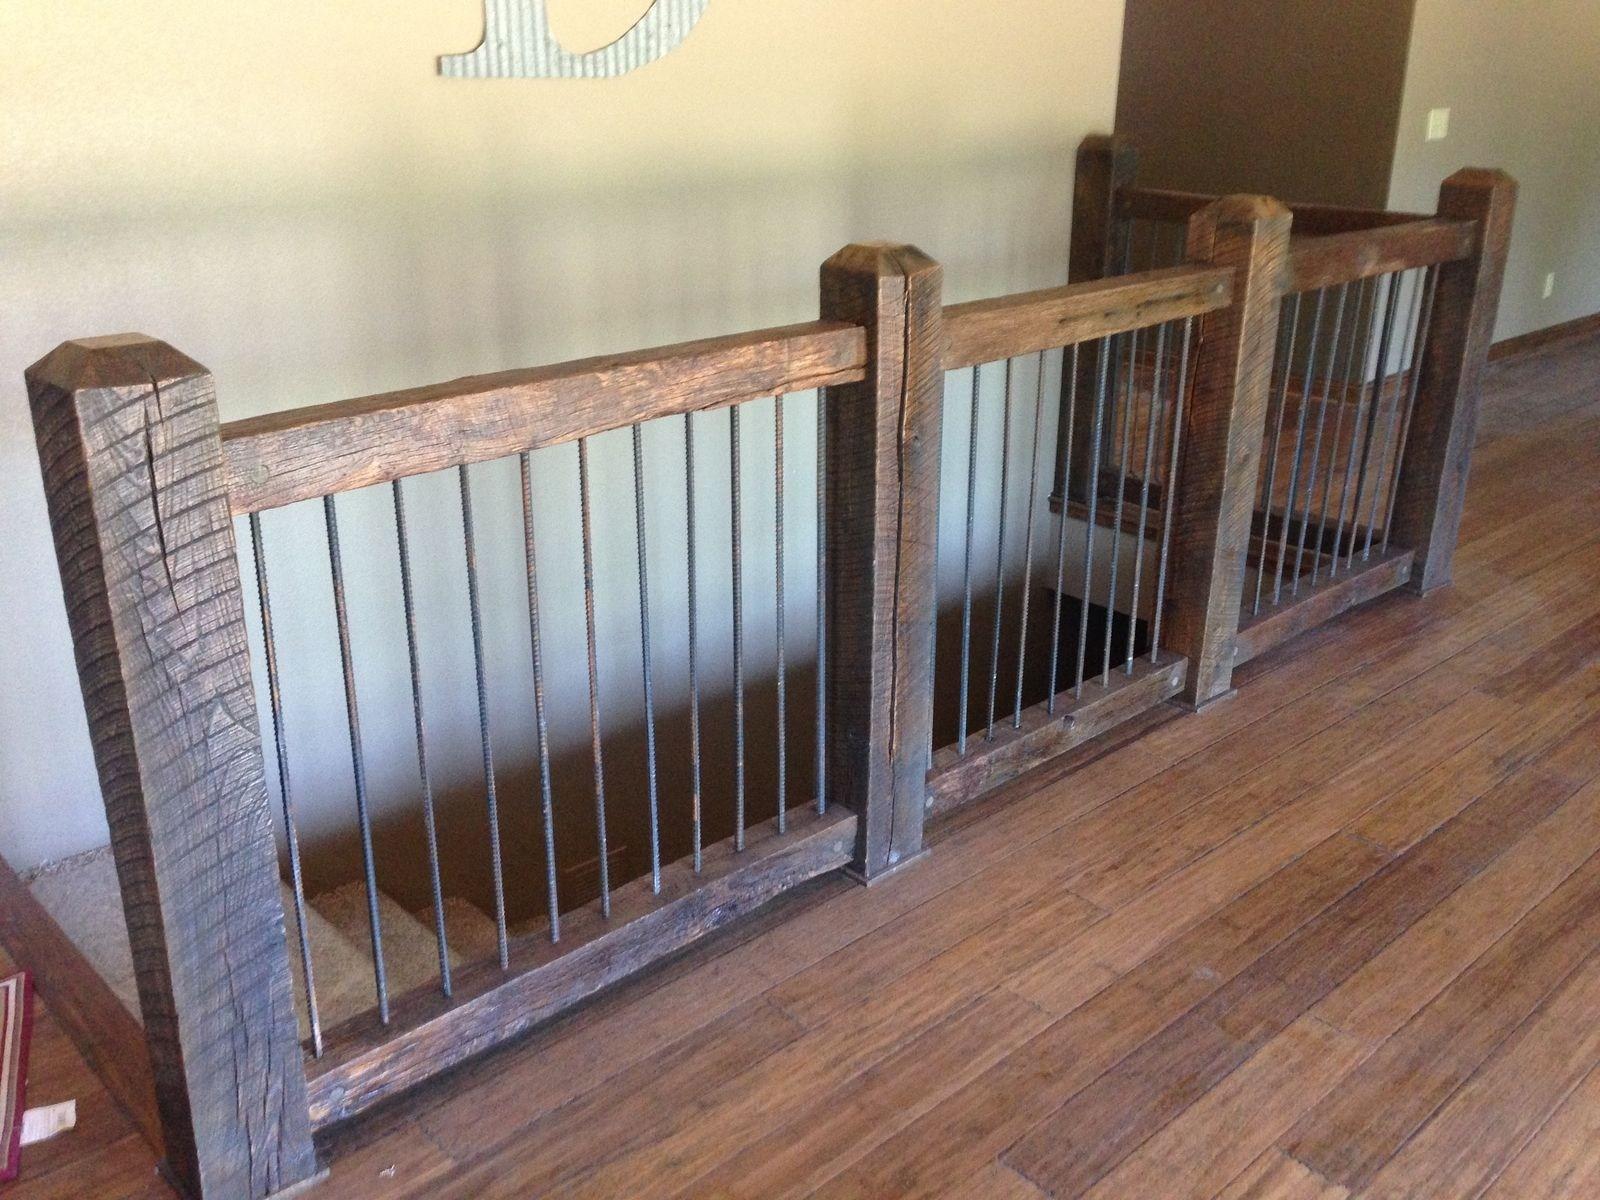 Custom Reclaimed Stair Railings By Stone Creek Cabinetry   Rustic Stair Railings Interior